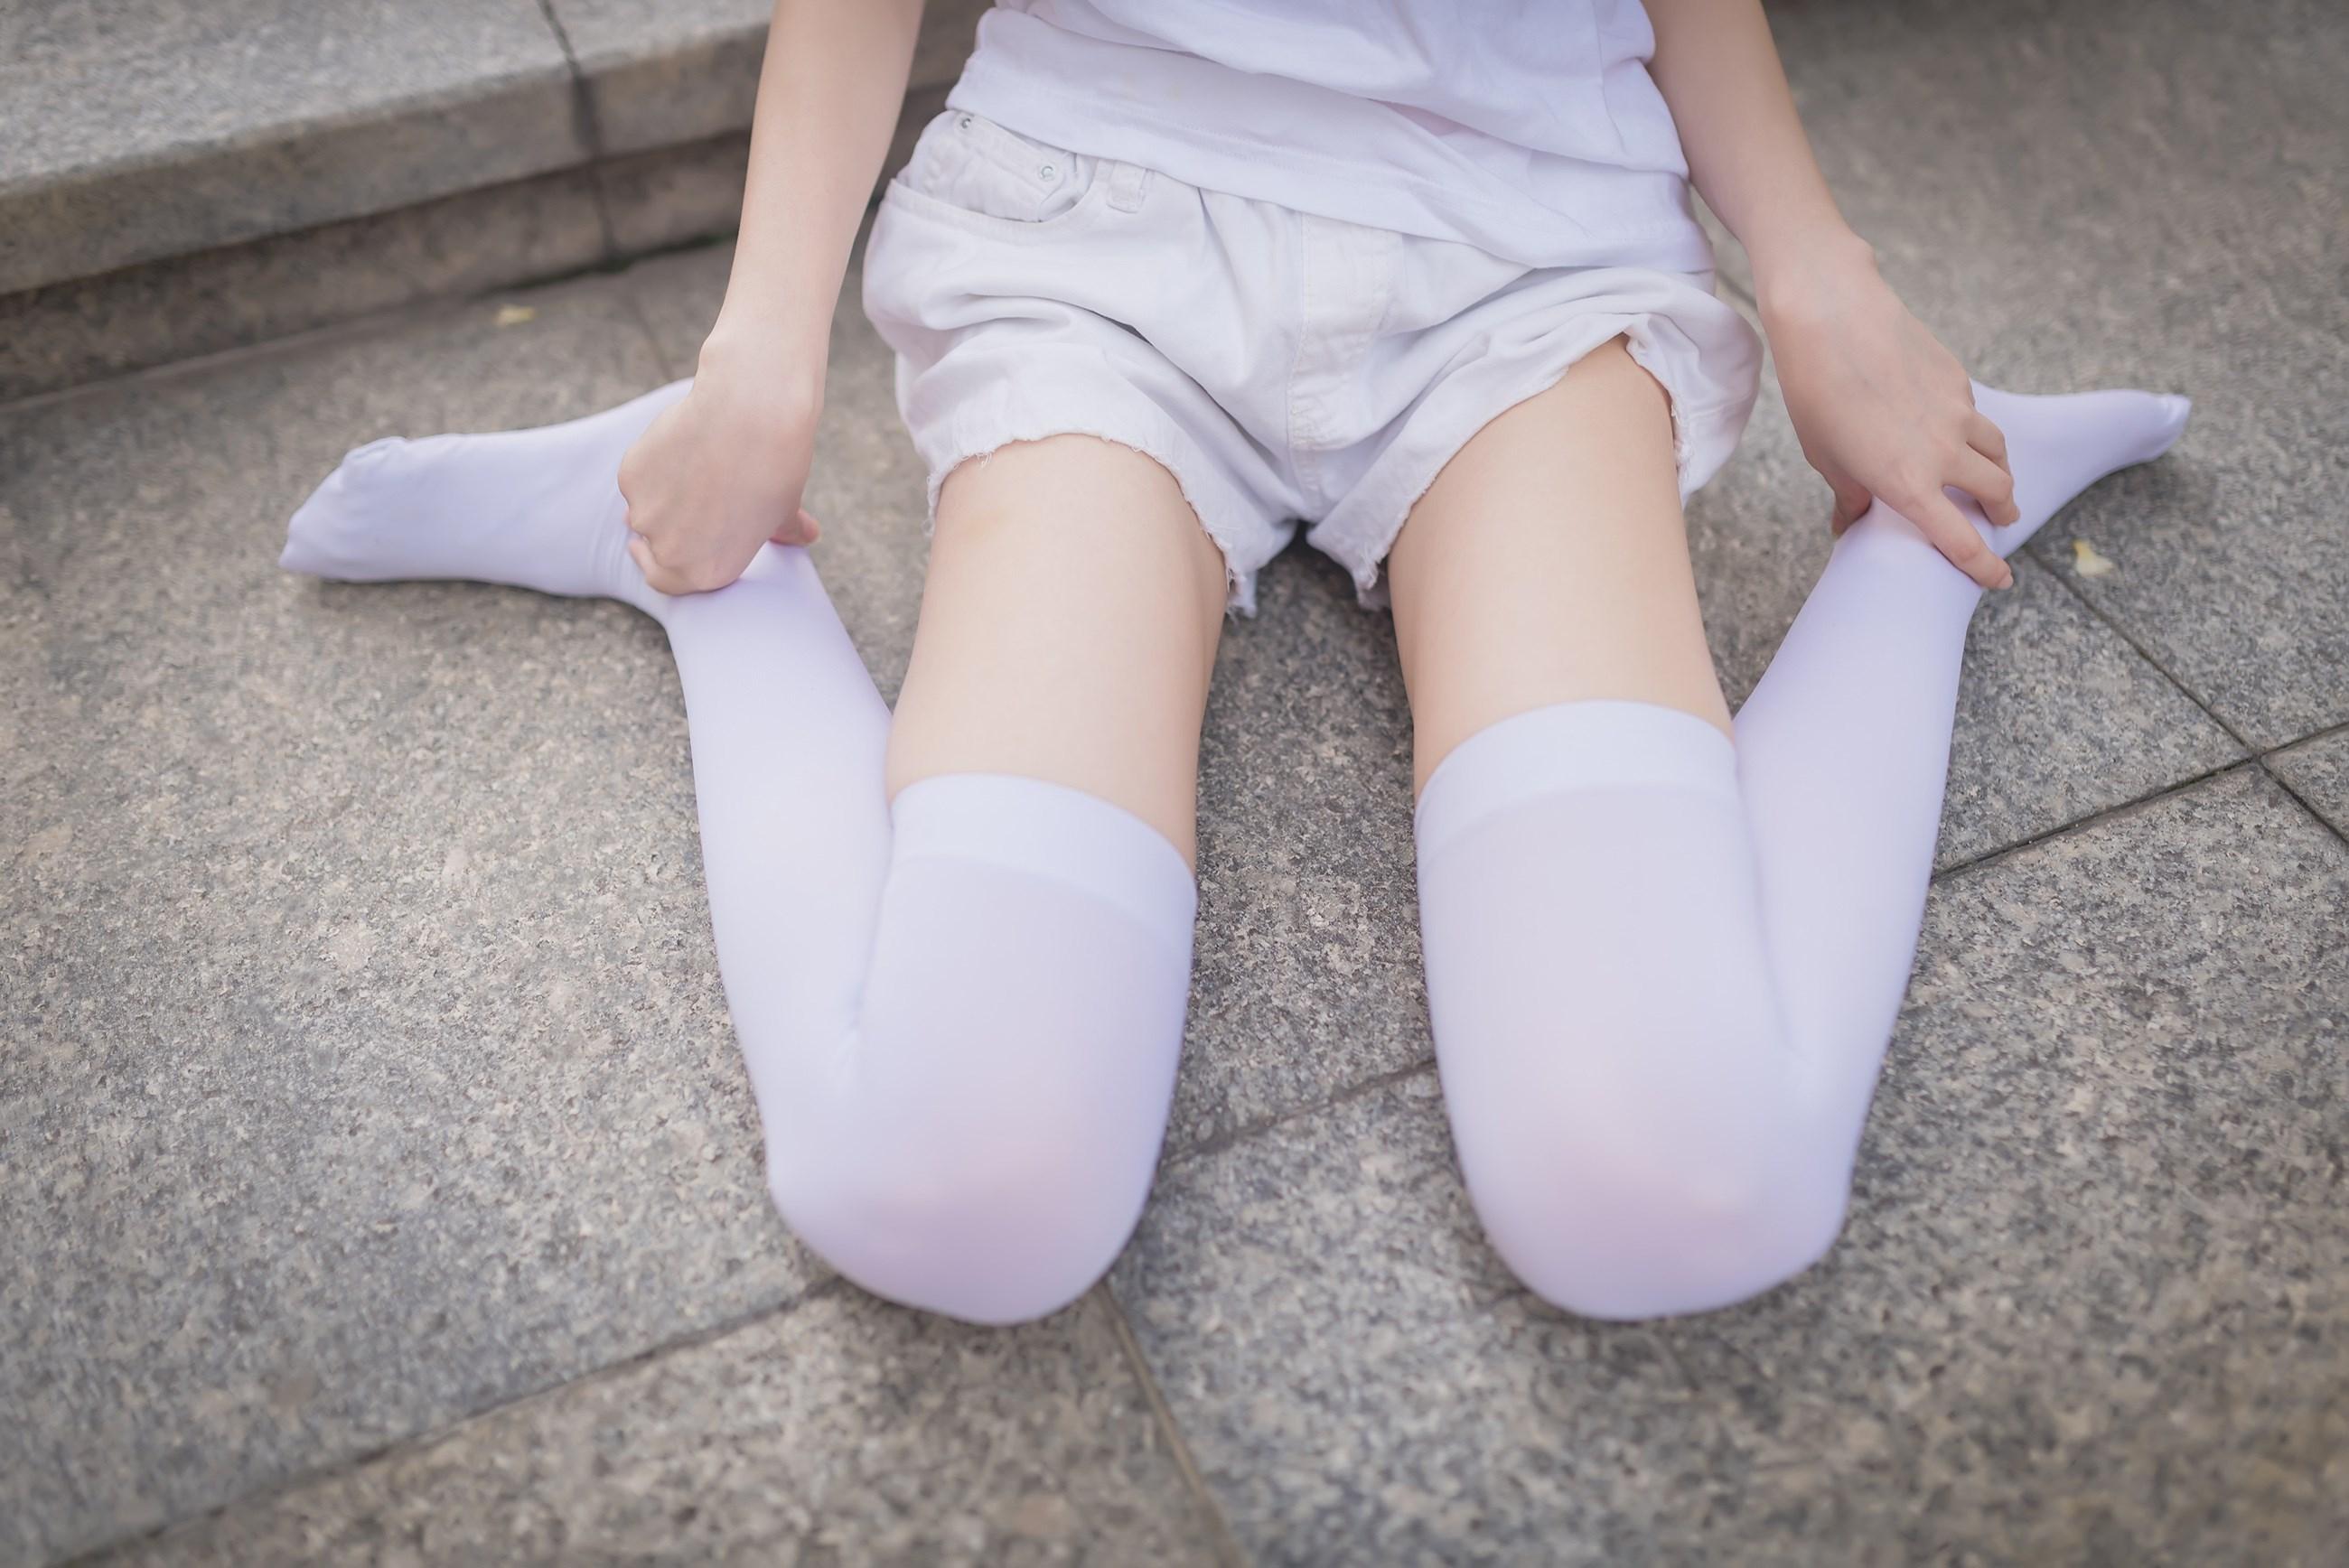 【兔玩映画】白丝过膝袜 兔玩映画 第37张